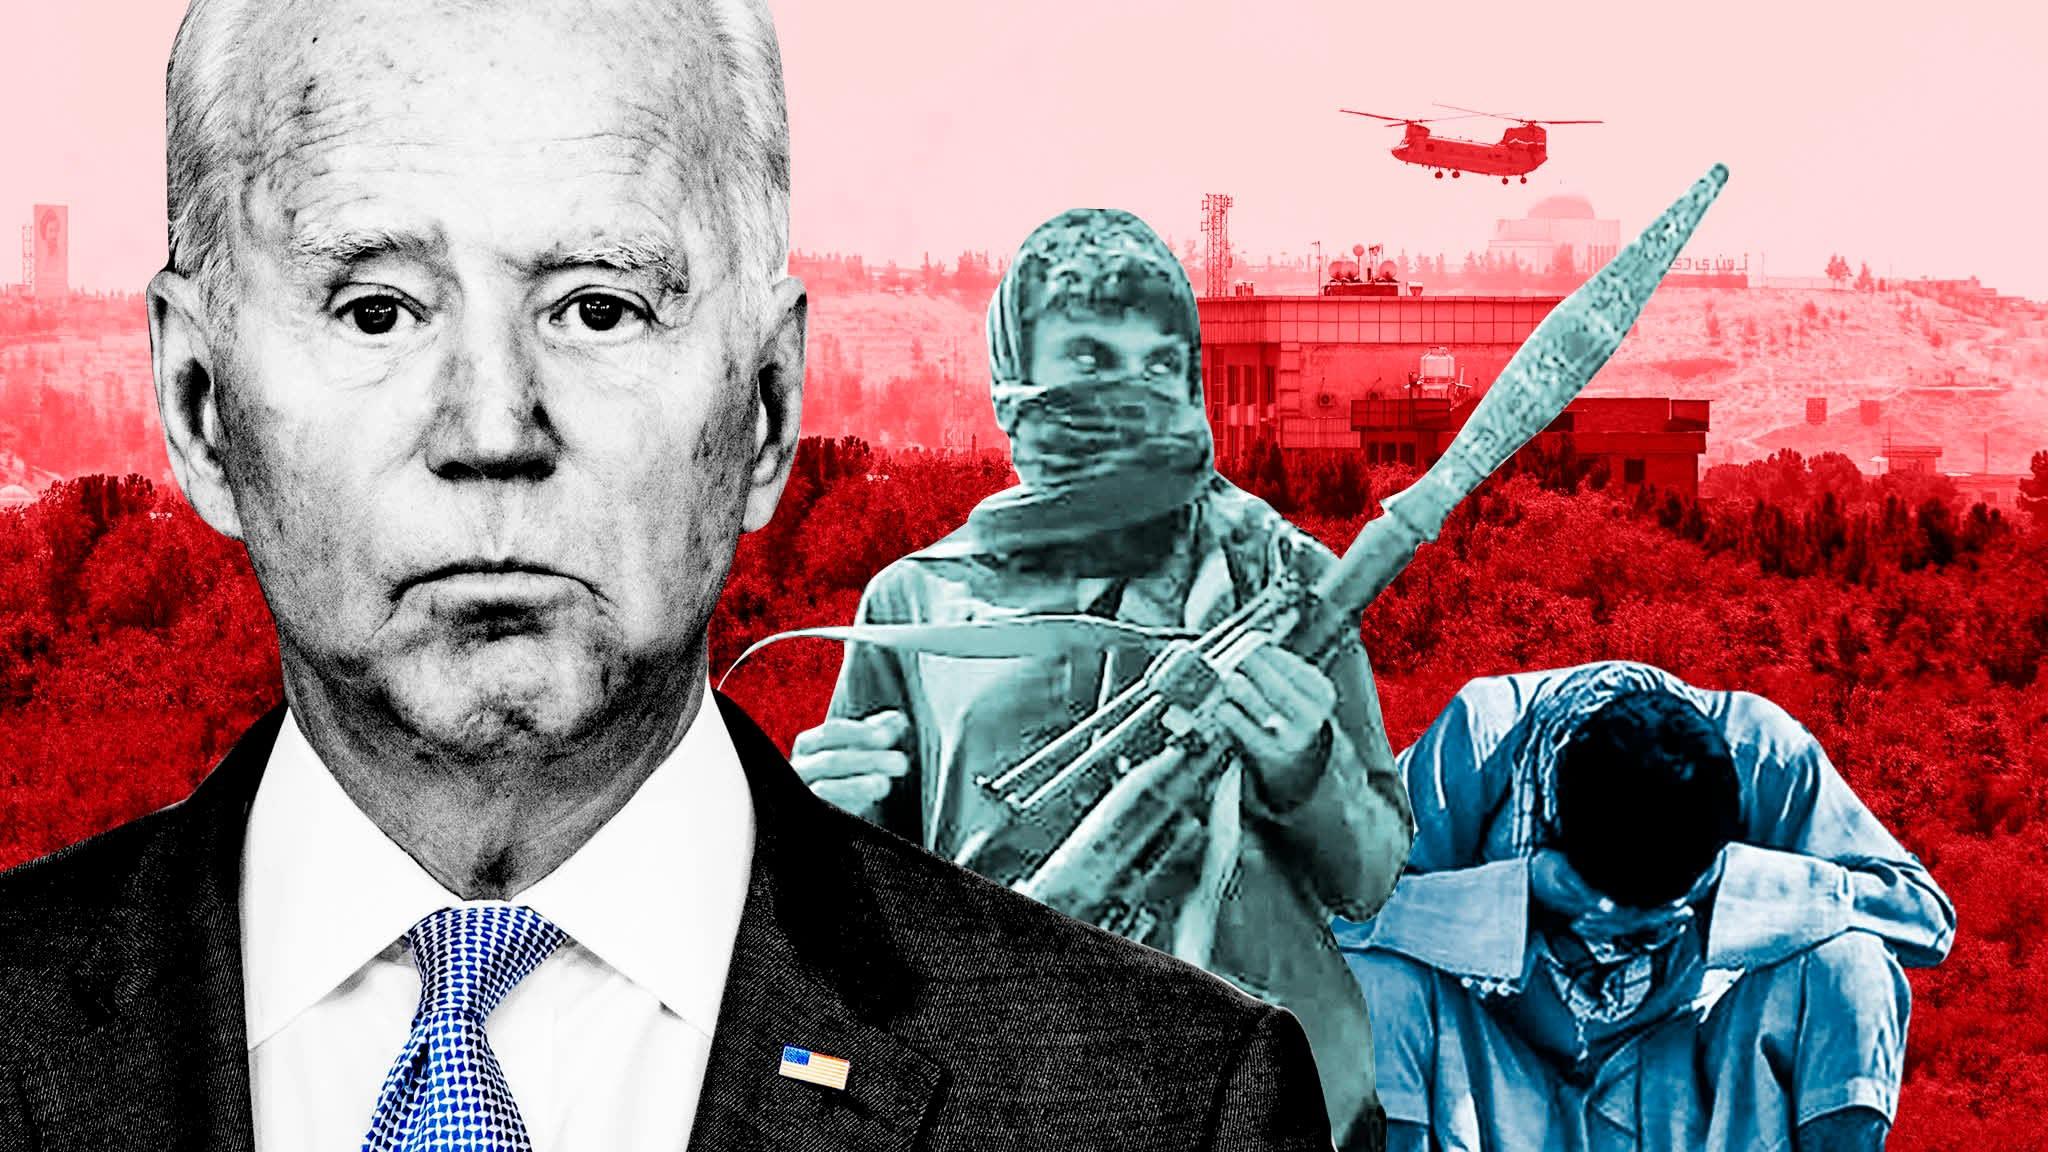 Biden ordena ataques contra líderes del Estado Islámico, tras el asesinato de 13 marines en Kabul